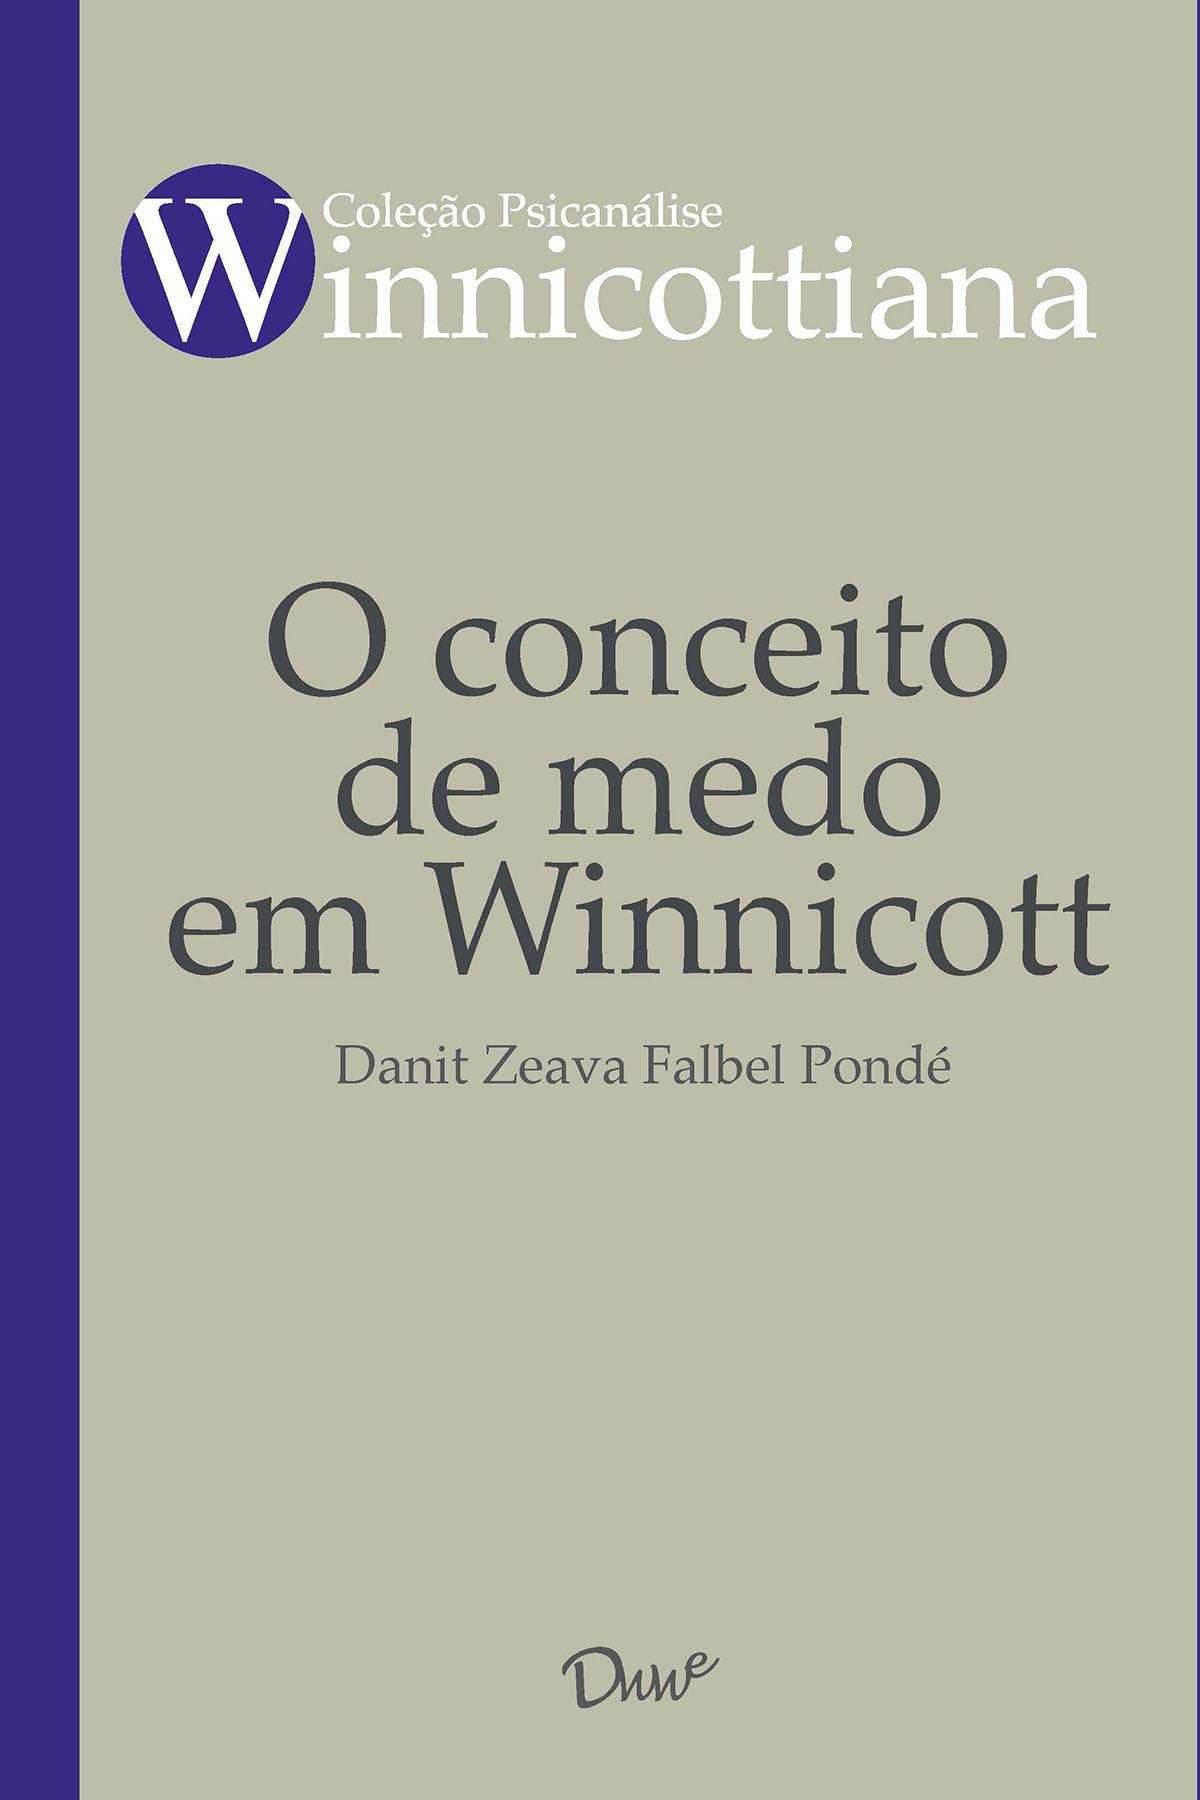 Capa do ebook O conceito de medo em Winnicott